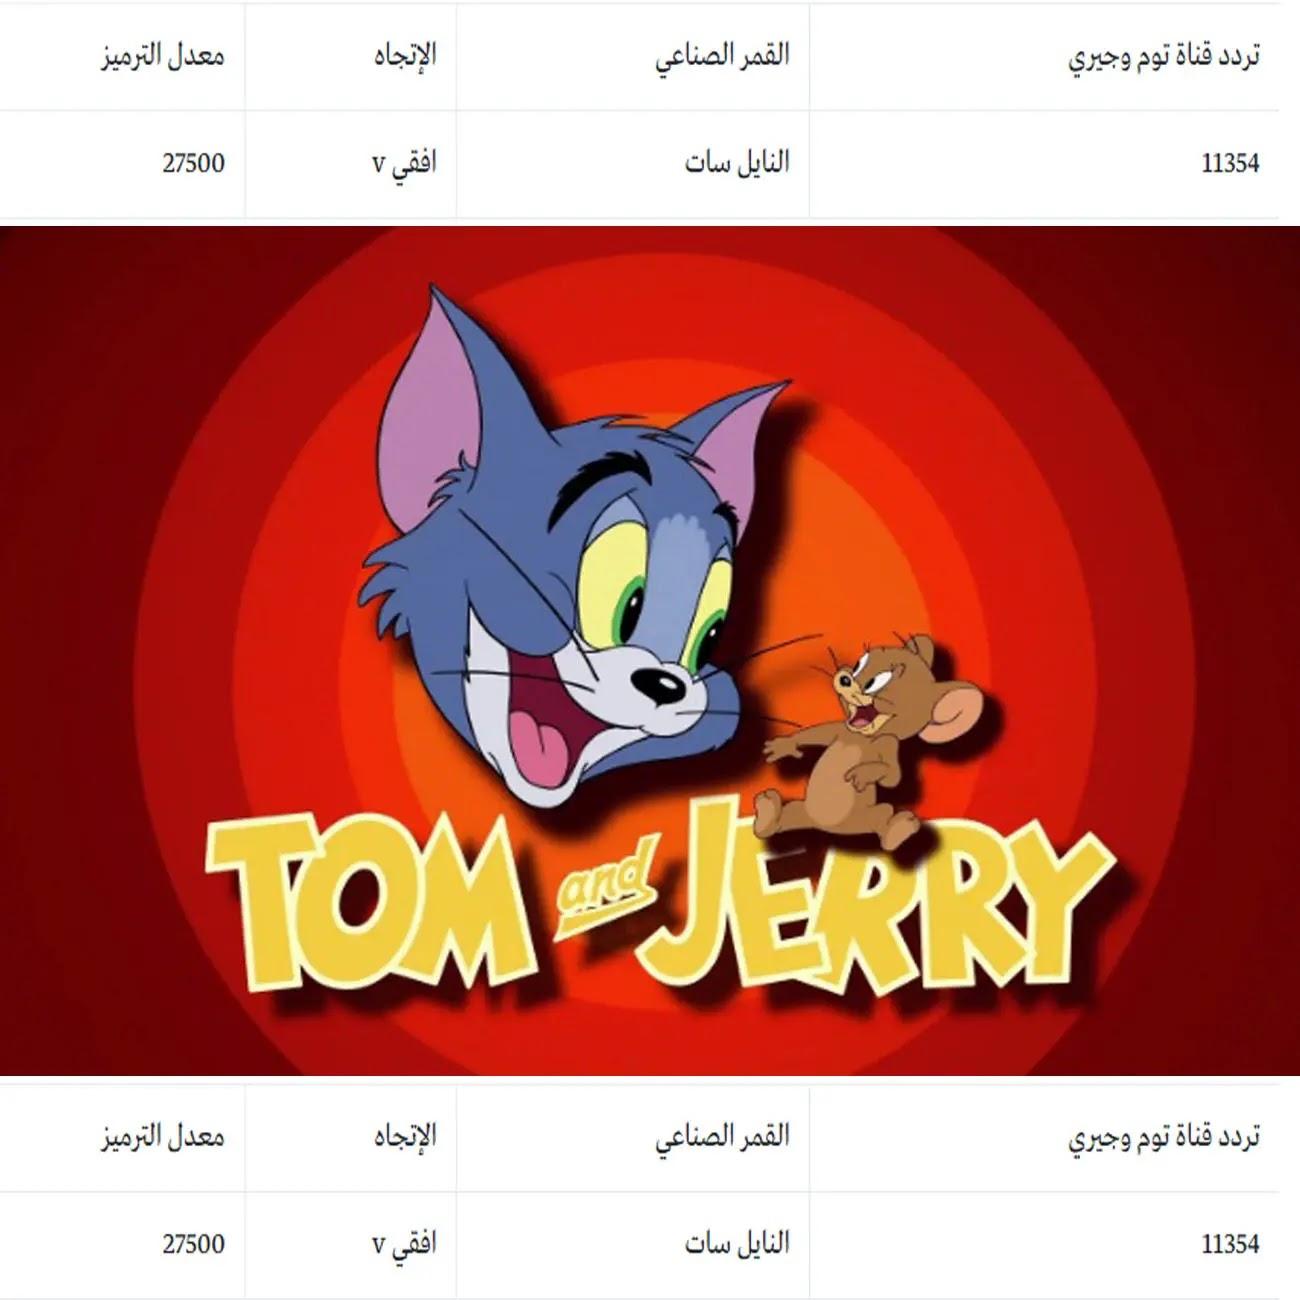 تردد قناة توم وجيري Tom and Jerry الجديد على النايل سات